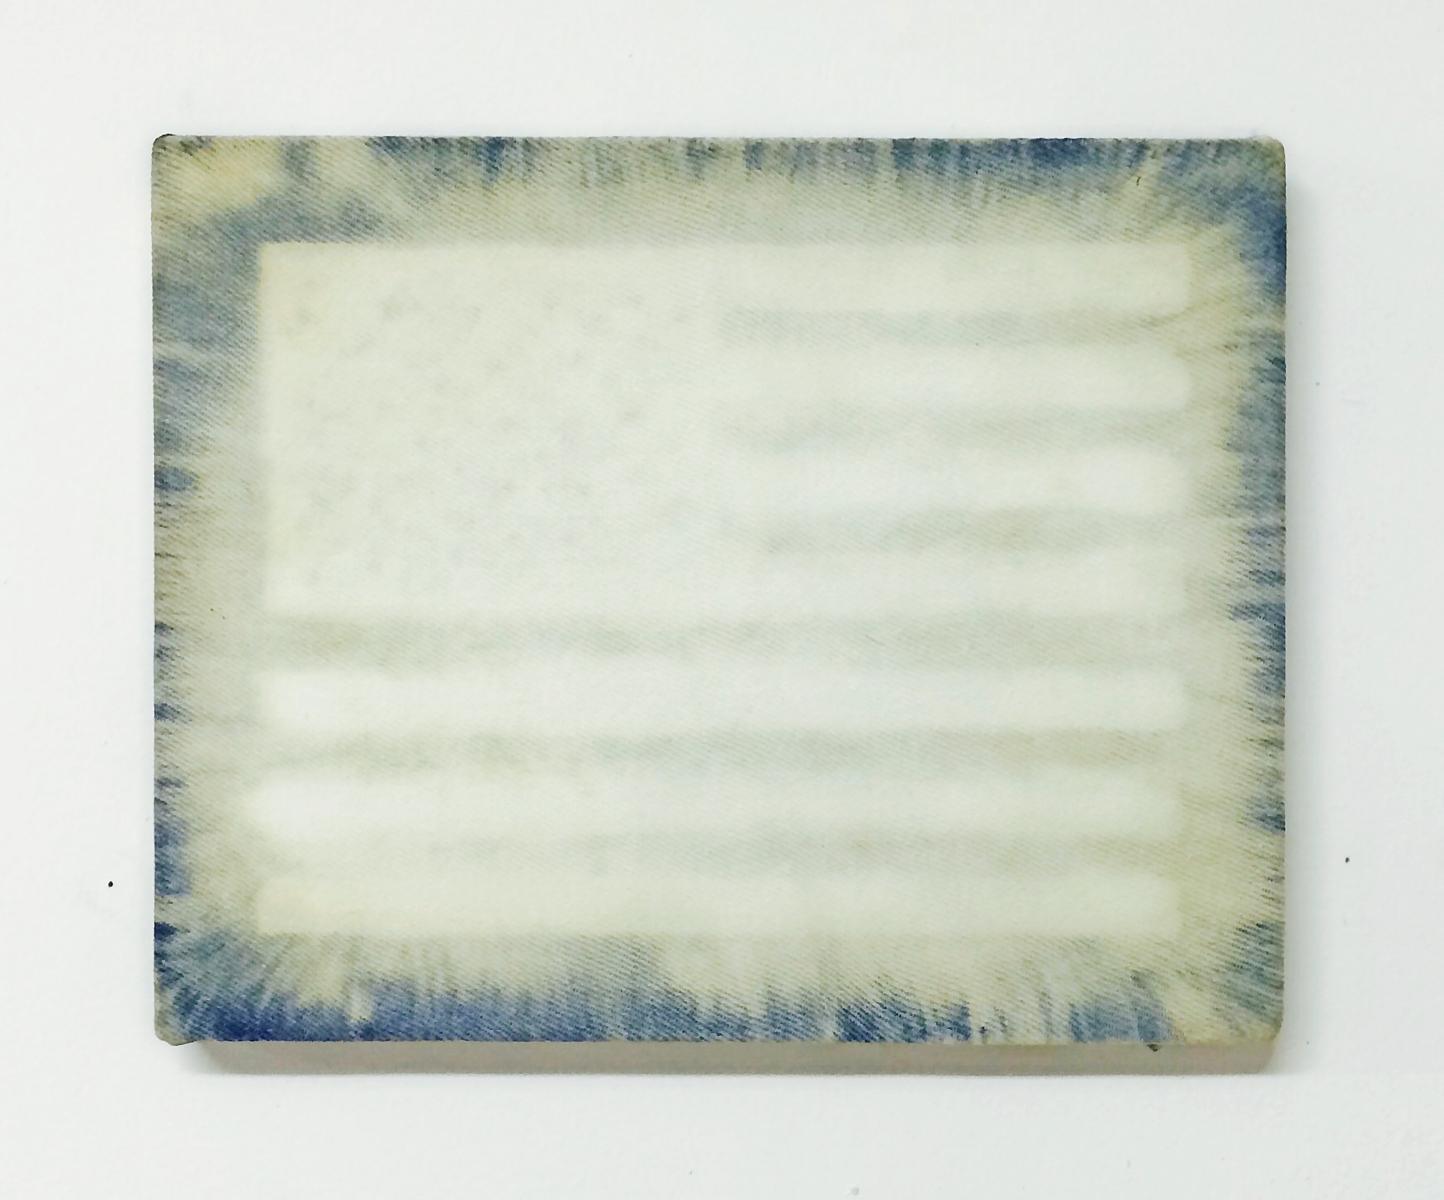 A Flag (The Flag),  2014  Bleach on denim 8 x 10 inches